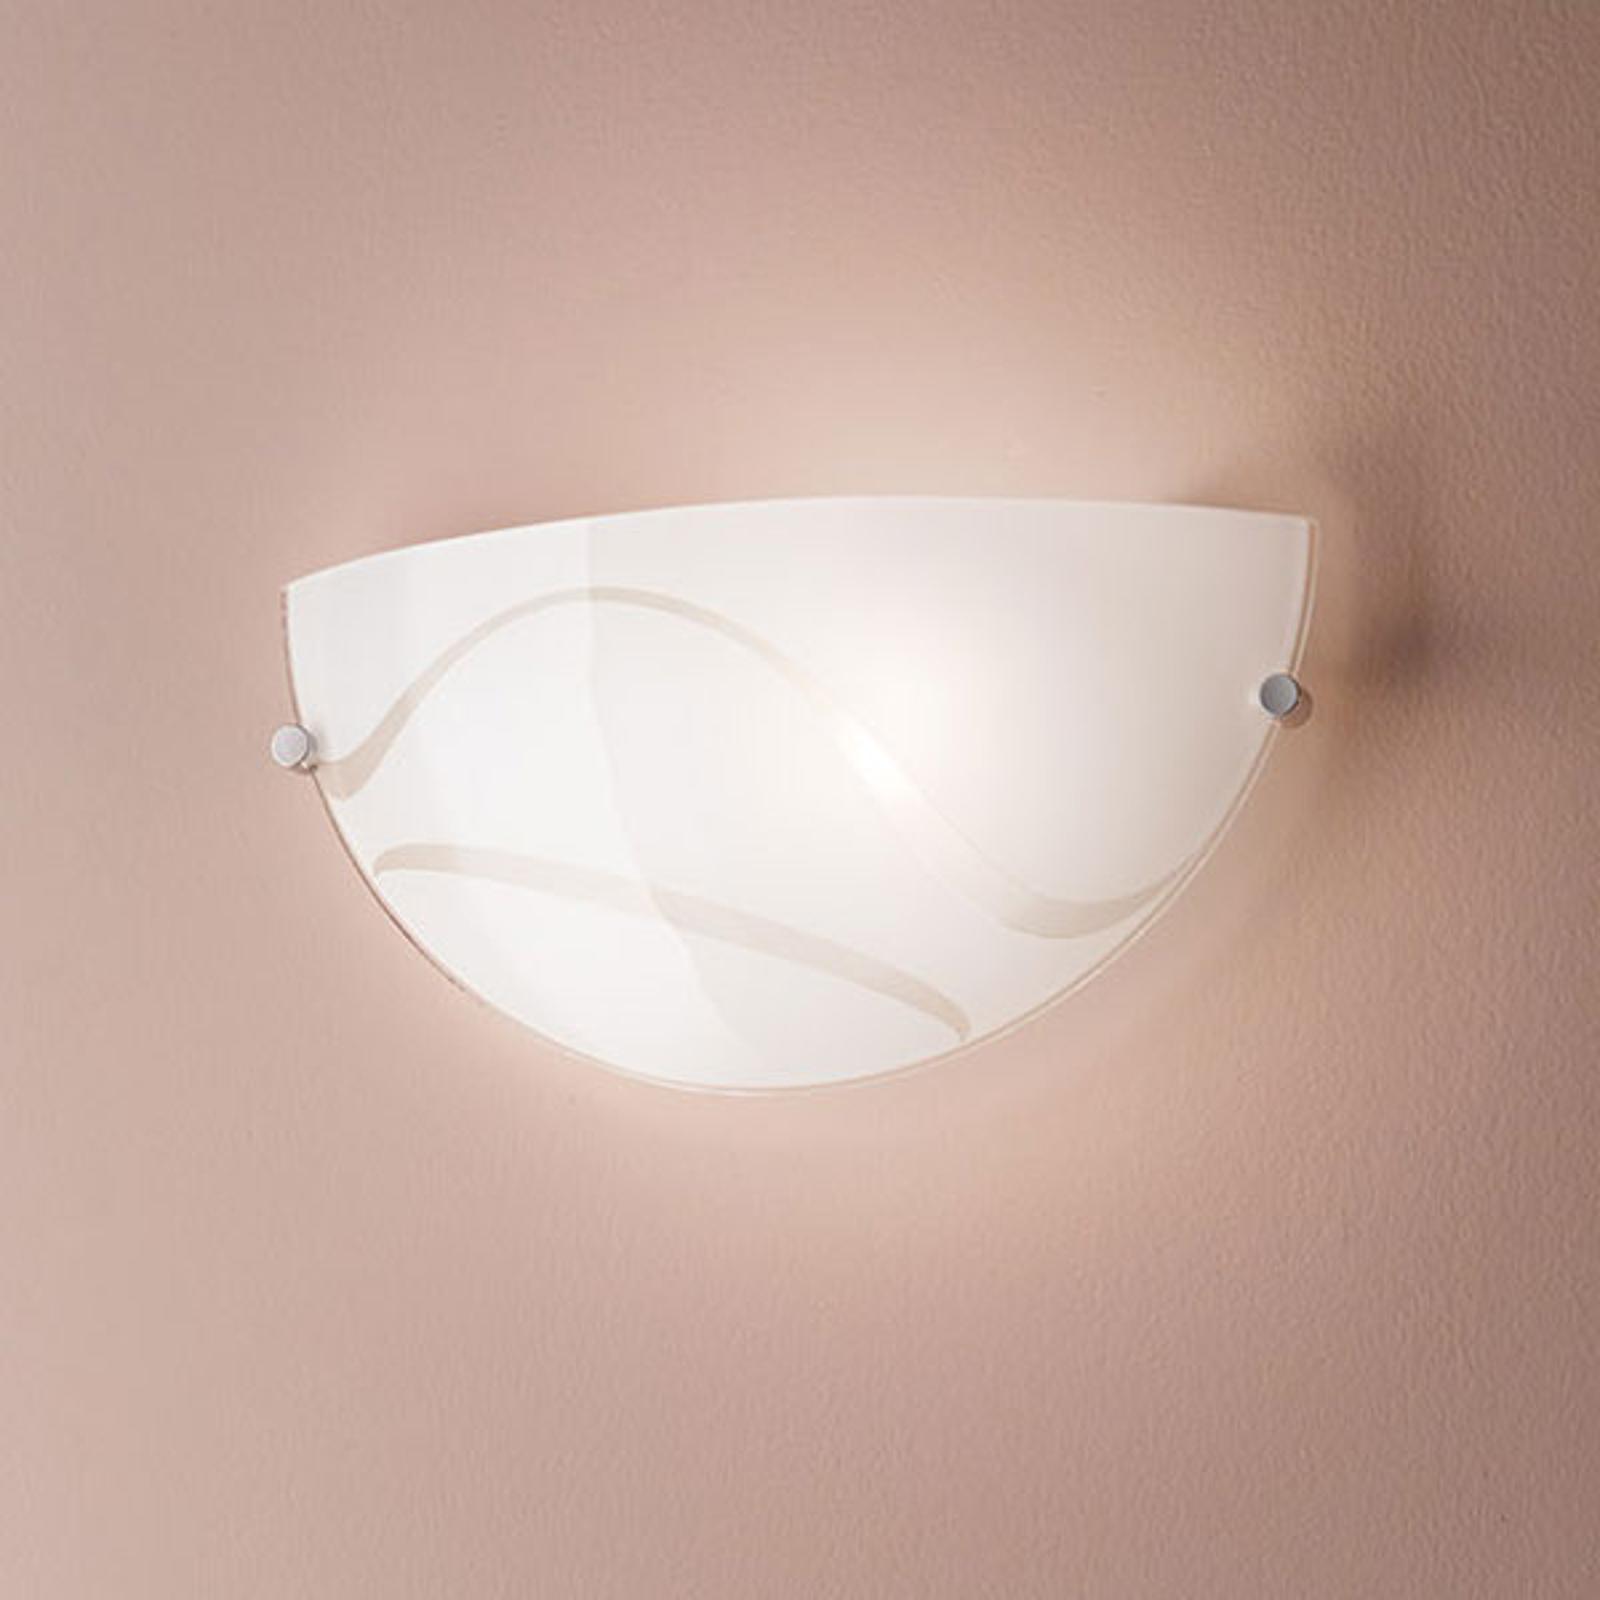 Vegglampe Magma, hvit, av glass